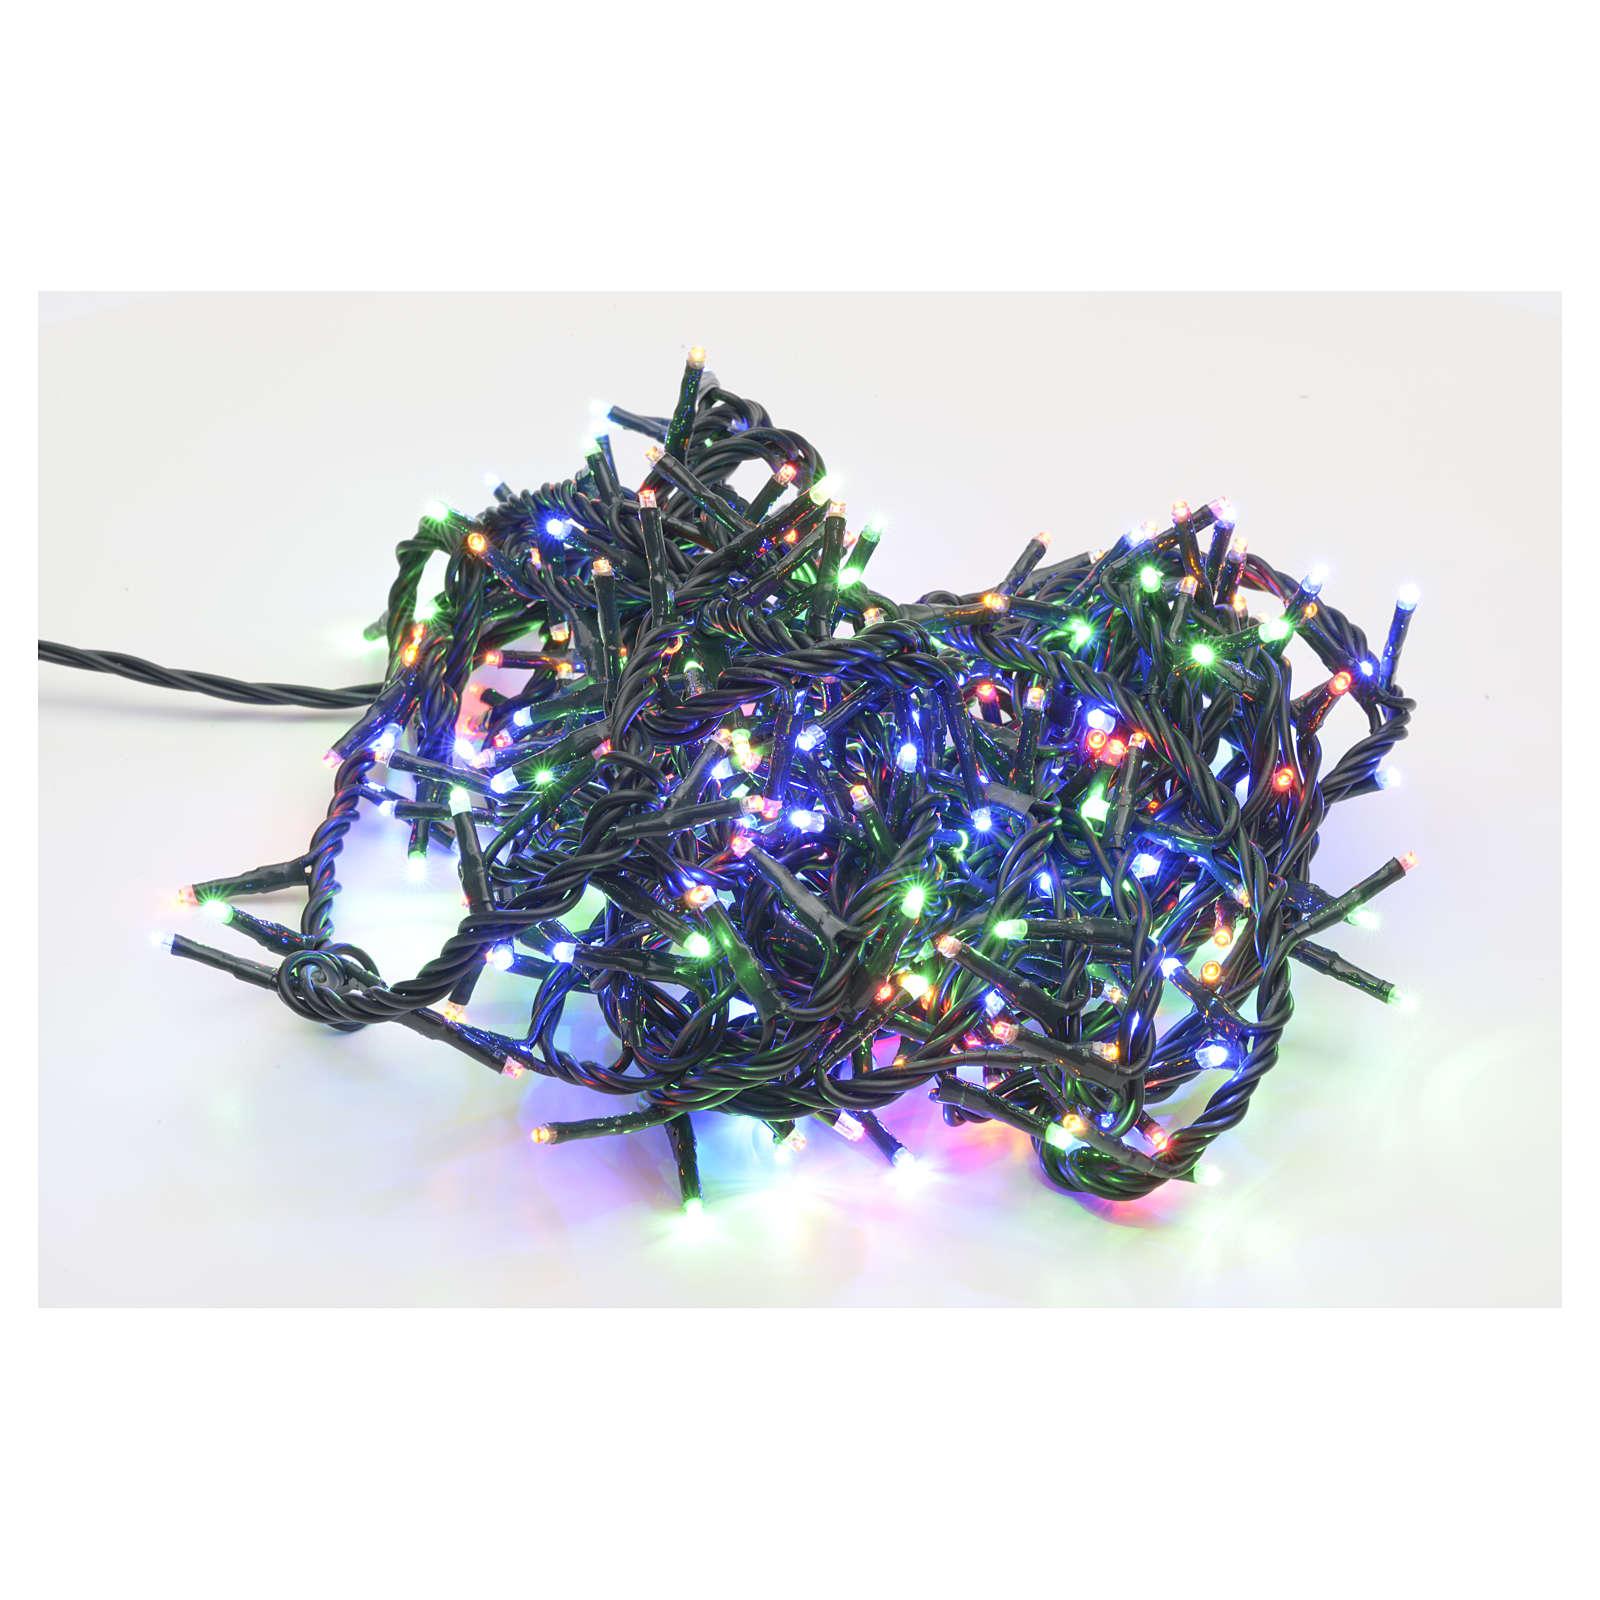 Fairy lights 300 mini LED, multicoloured 3